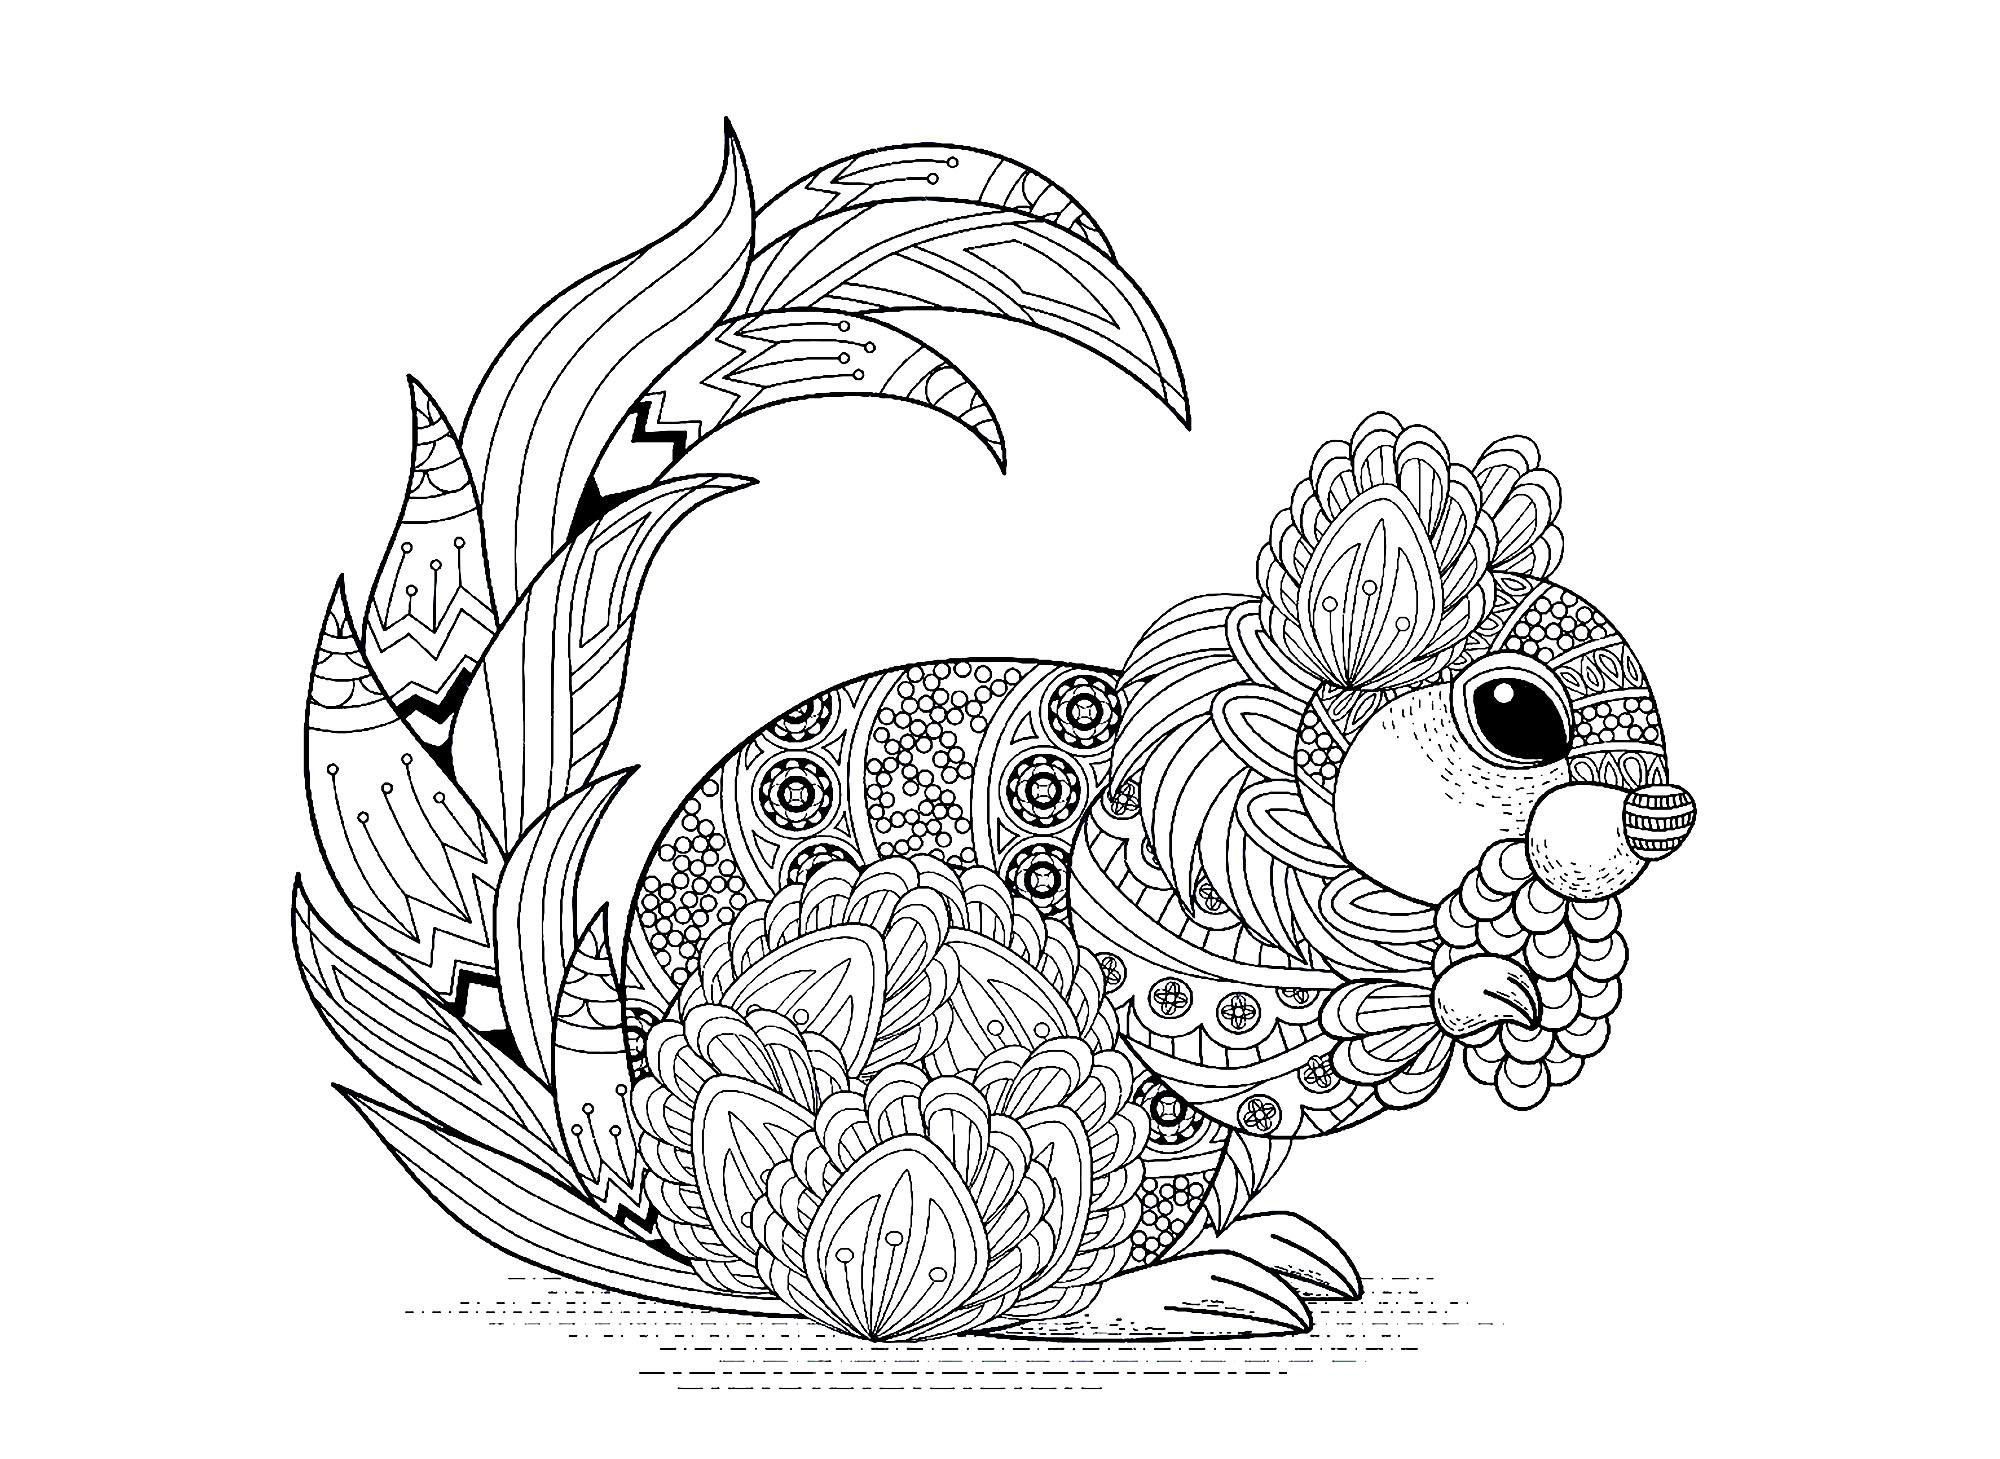 Ecureuil avec motifs - Ecureuils et rongeurs - Coloriages ...